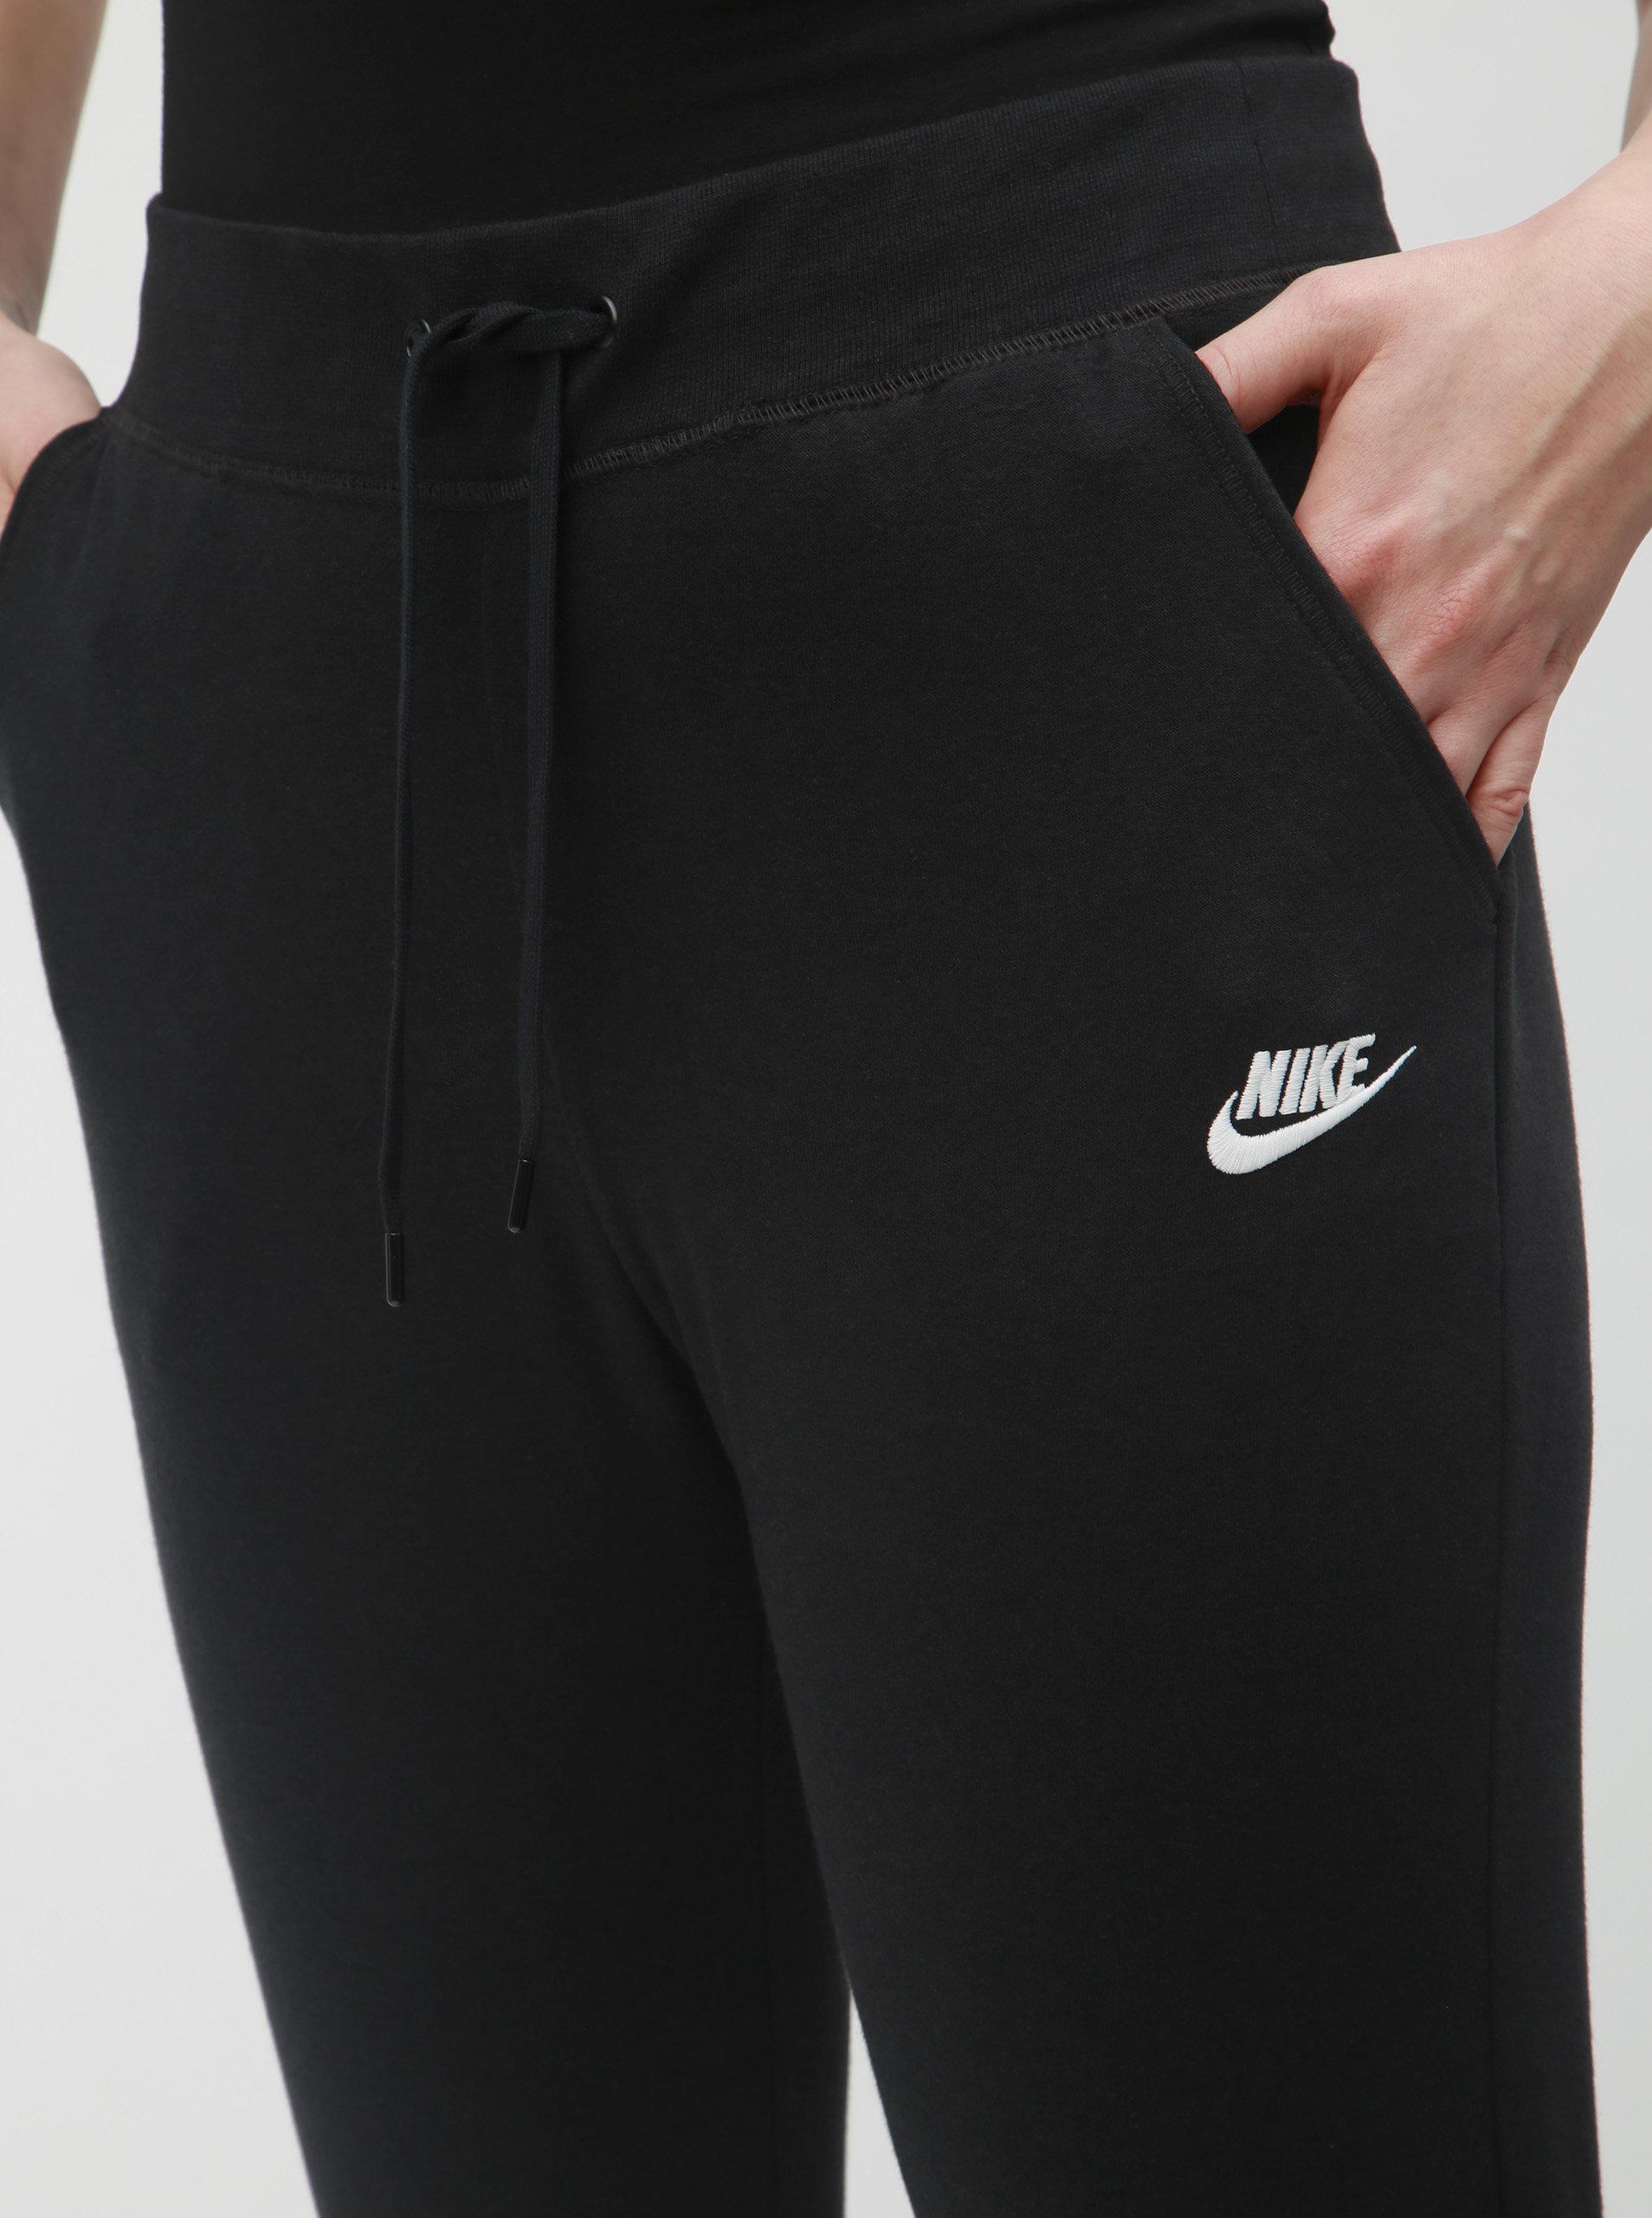 2d08bbcdc72 Černé dámské tepláky Nike ...